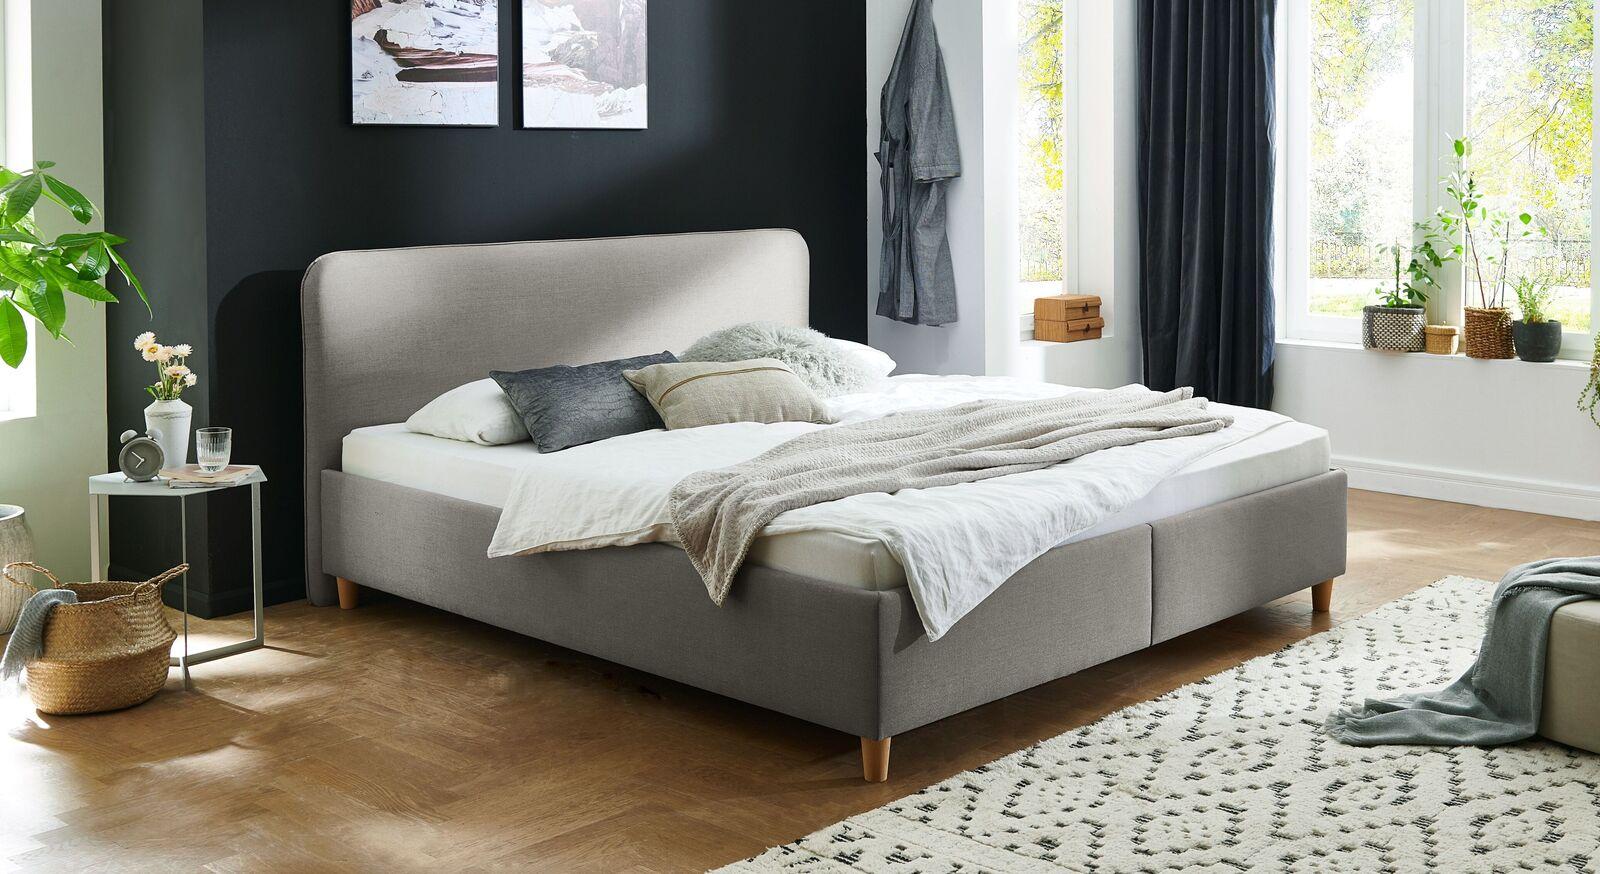 Bett Kannur mit hochwertigem Webstoff in Grau